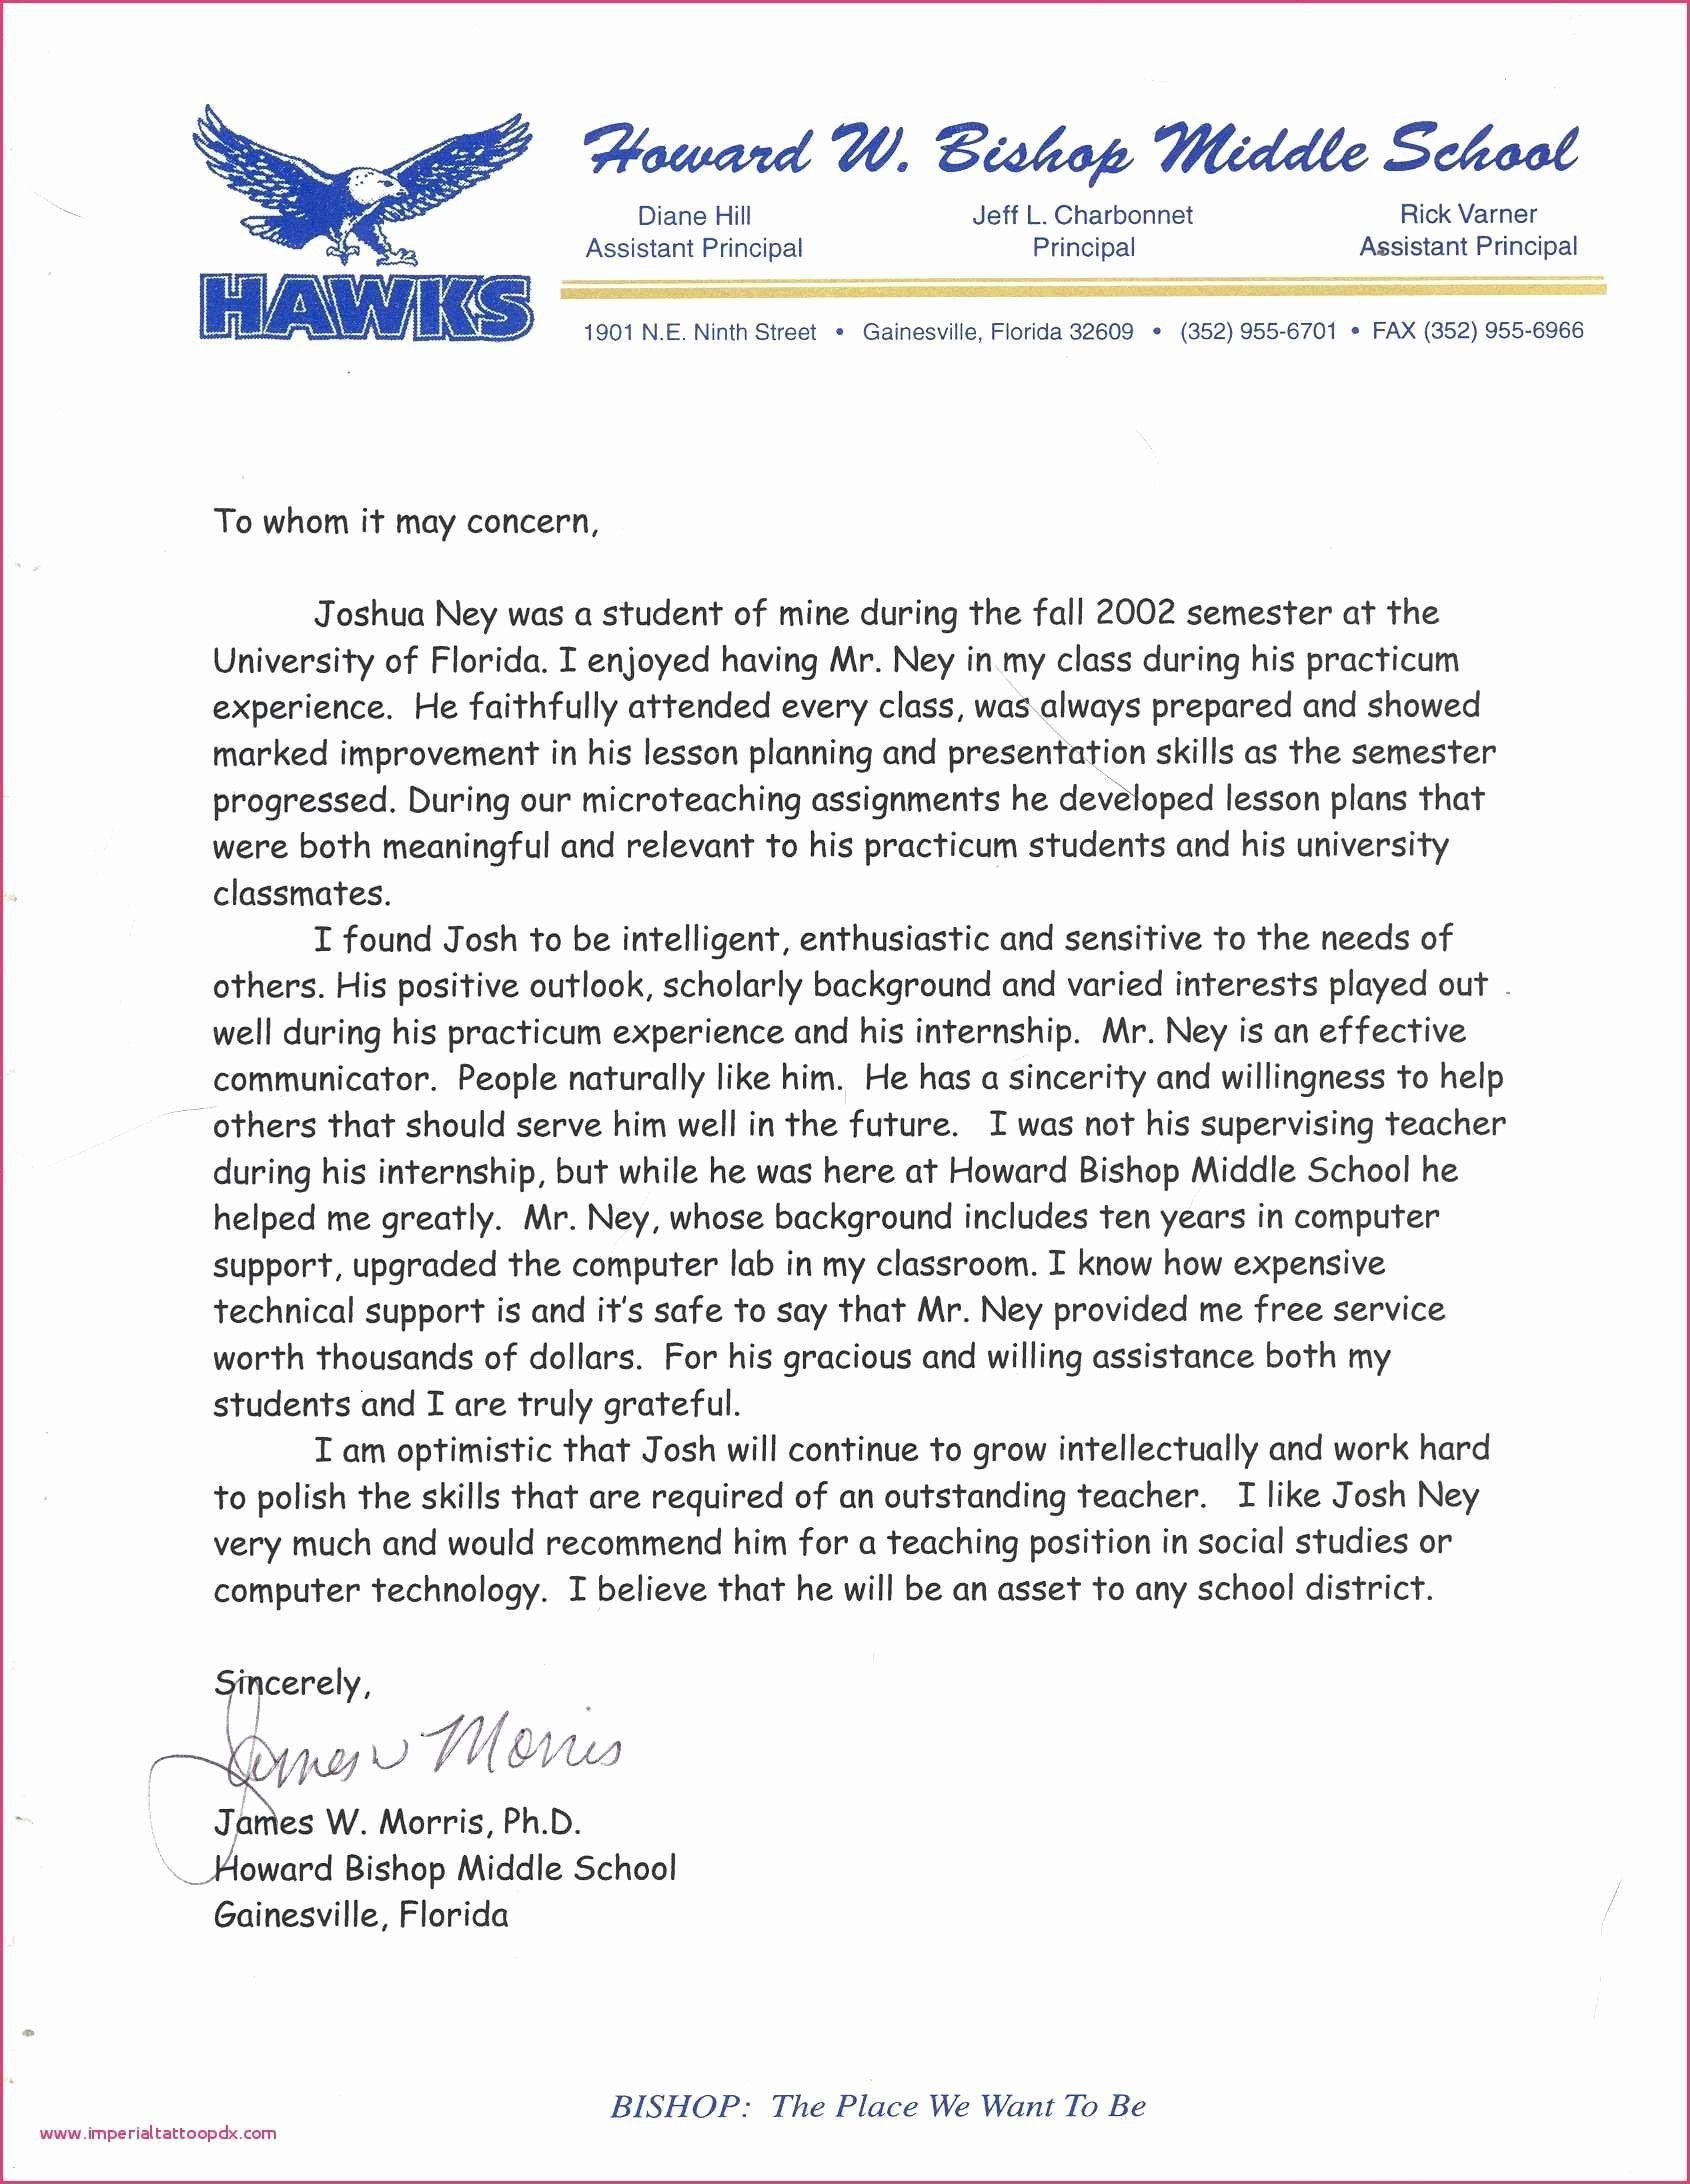 Letter Of Recommendation Peer Elegant Resume Letter Re Mendation Resume 16 Inspirational In 2020 Letter To Teacher Teacher Letter Of Recommendation Teaching Letters